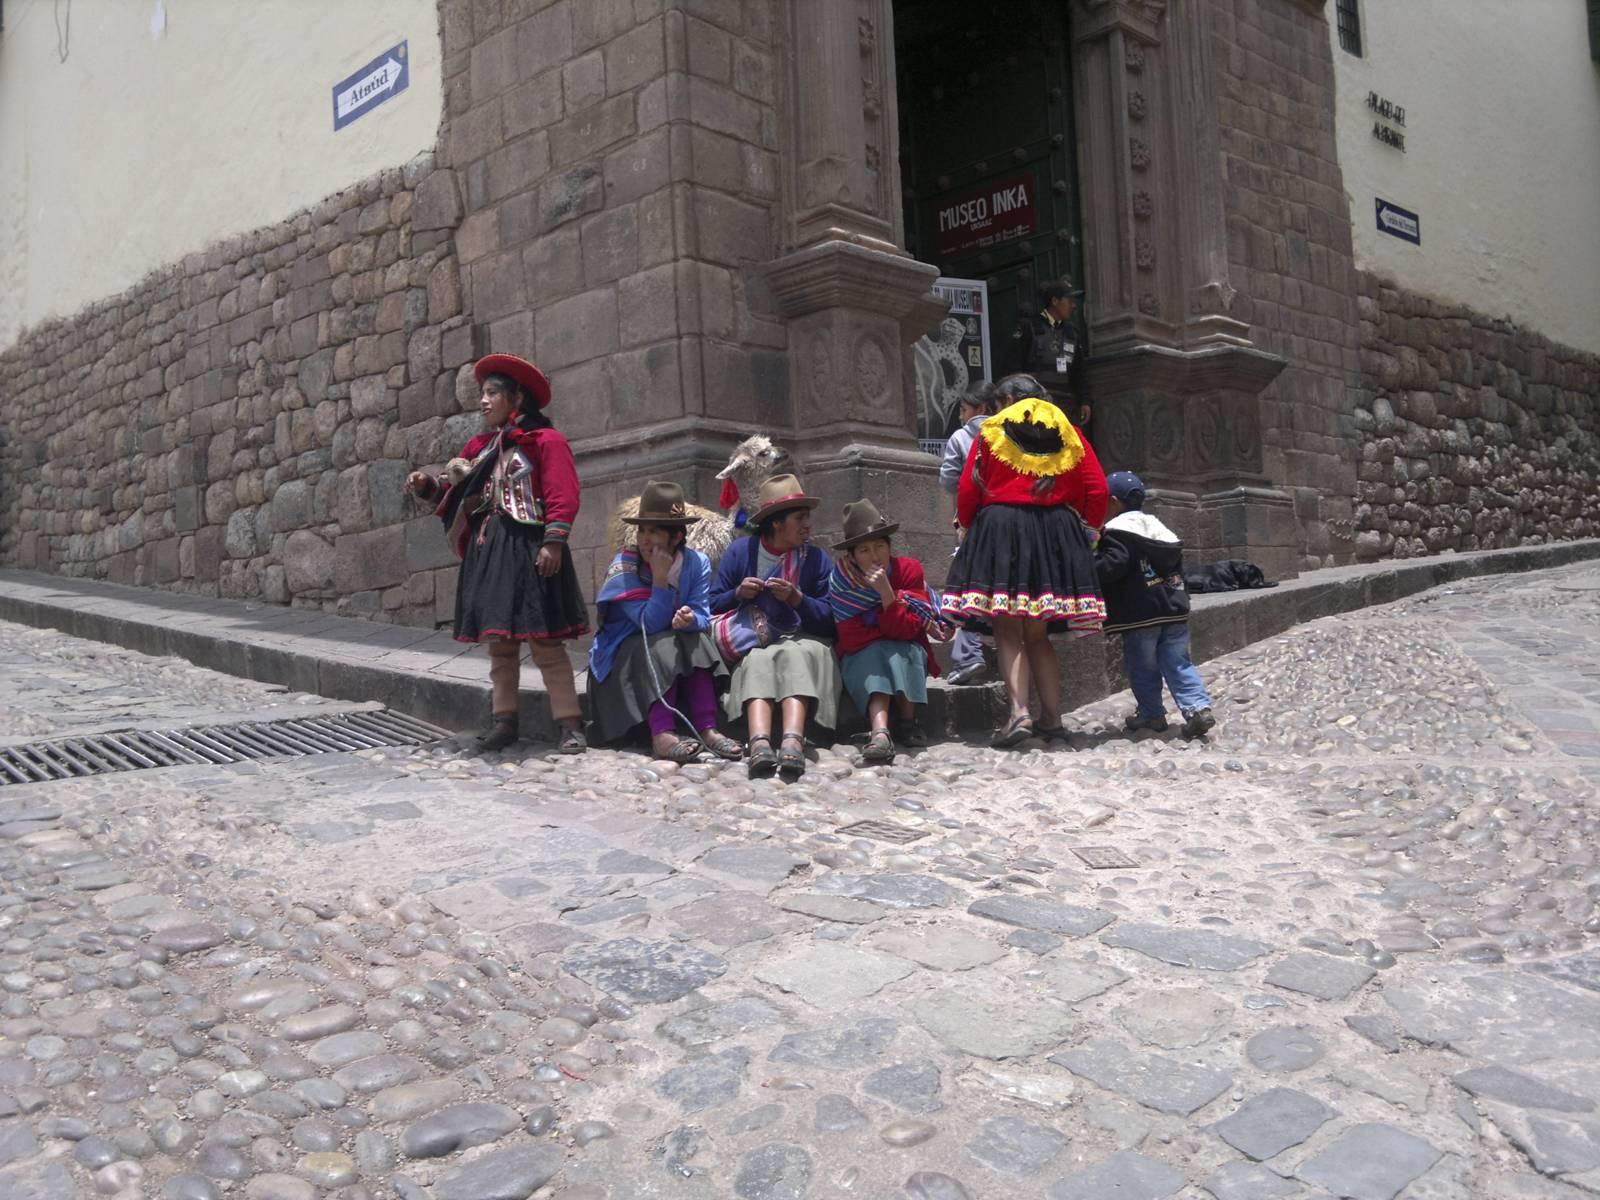 Peru-cuzco-indios-tradizione